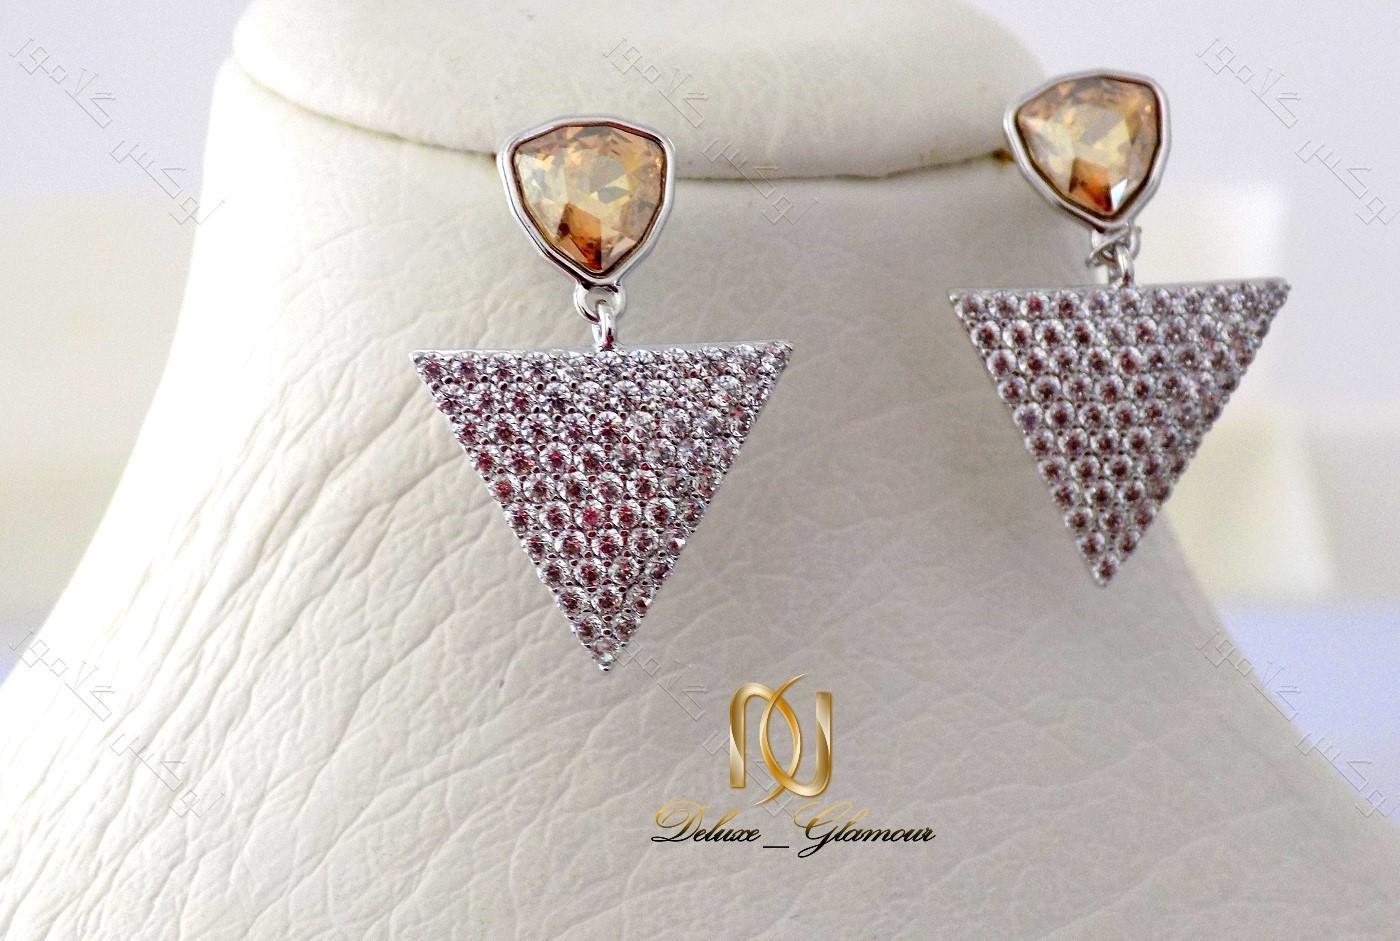 گوشواره دخترانه نگین دار شامپاینی مثلثی با کریستالهای سواروفسکی Er-n116 عکس اصلی روی مانکن